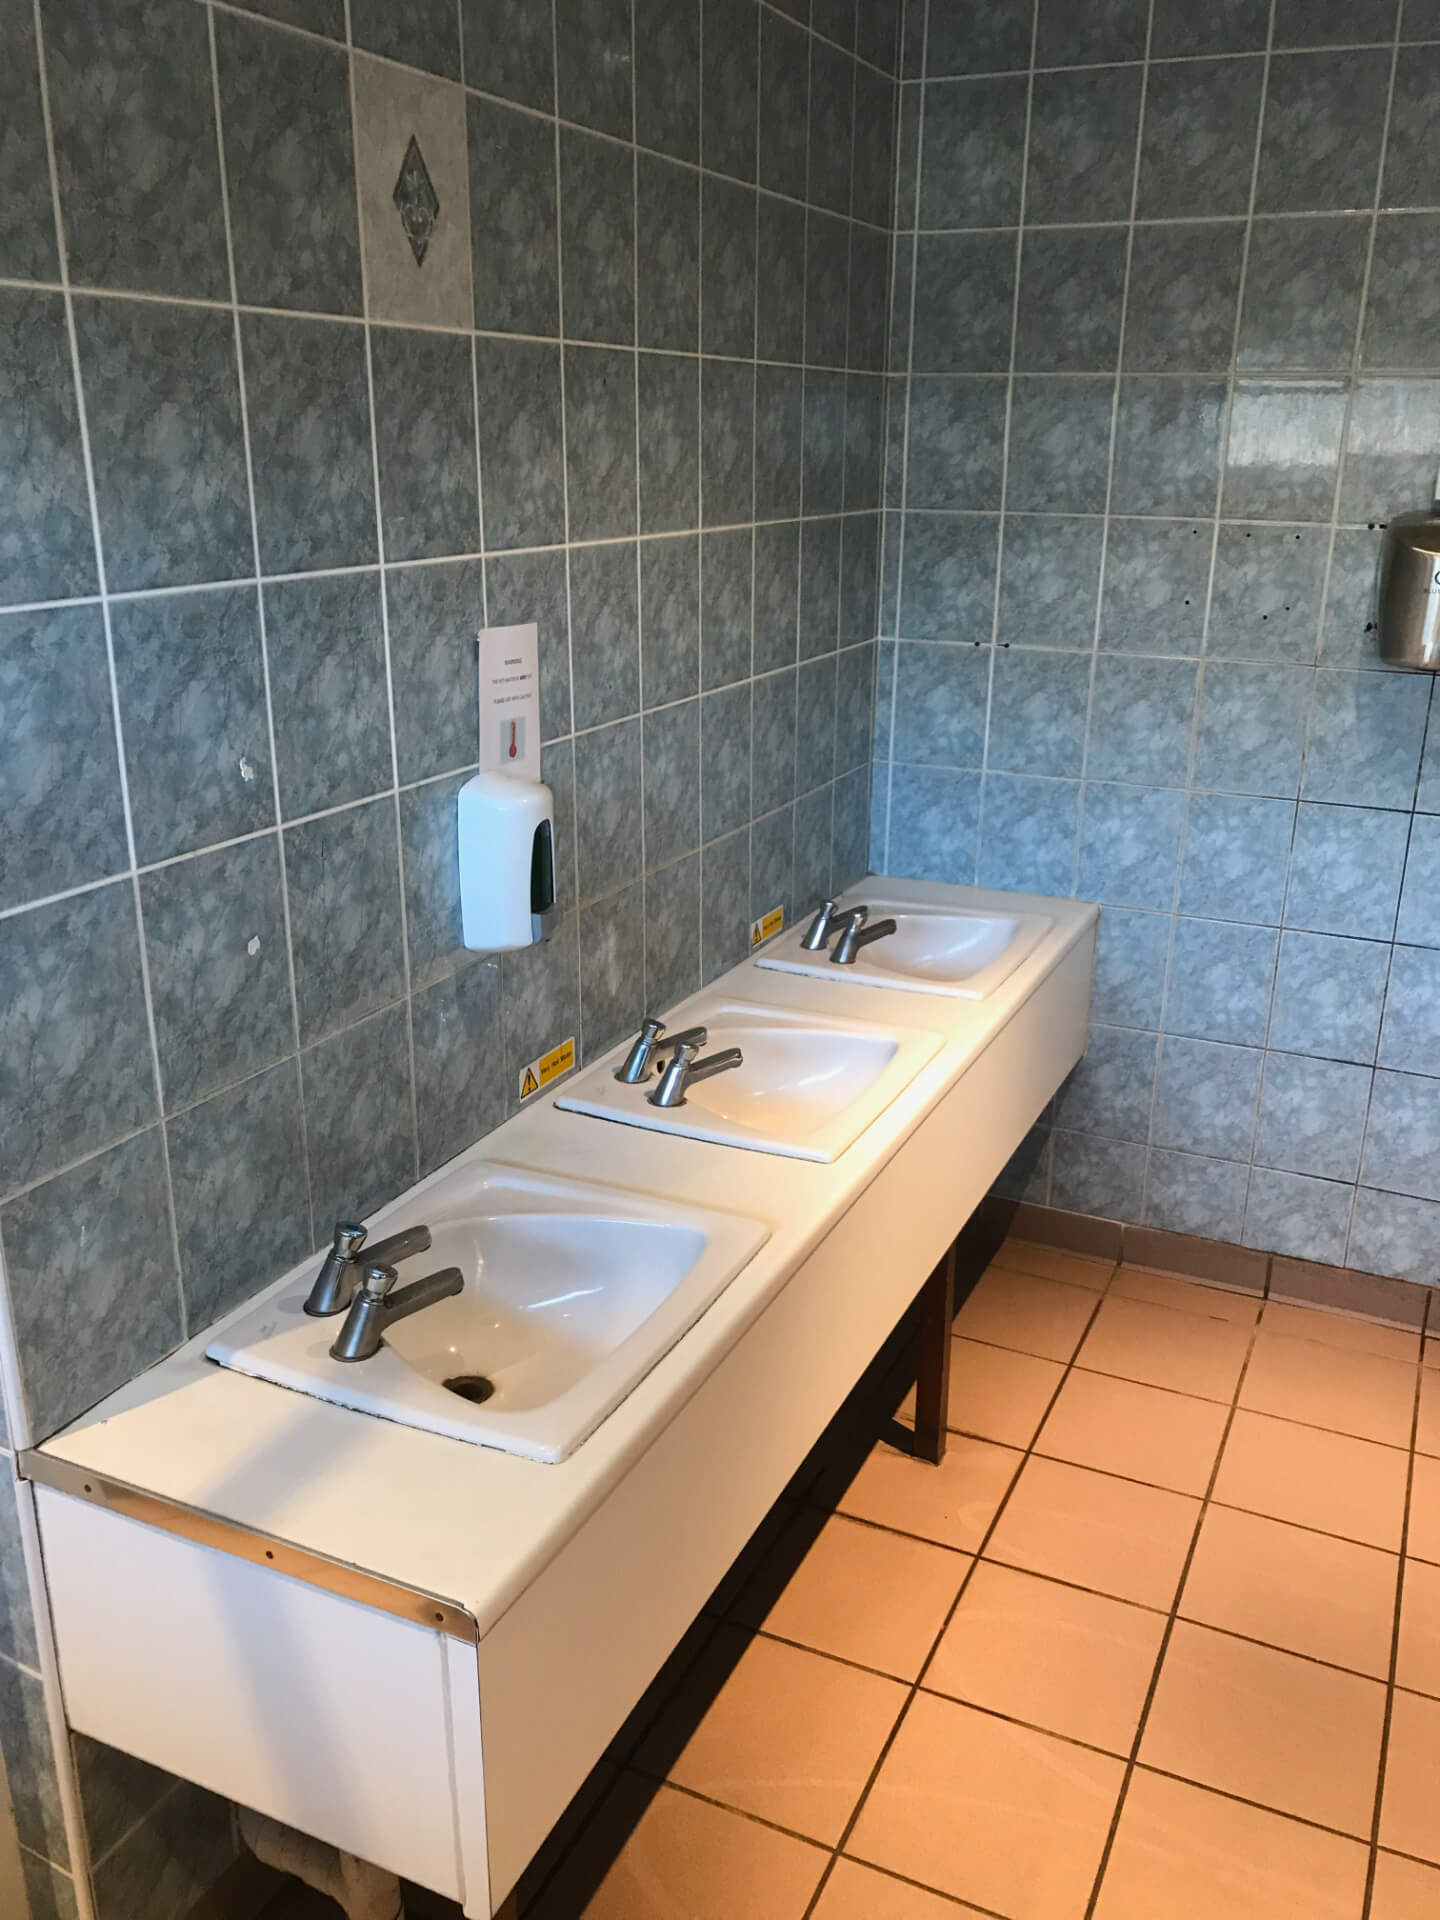 Old Bathroom Units